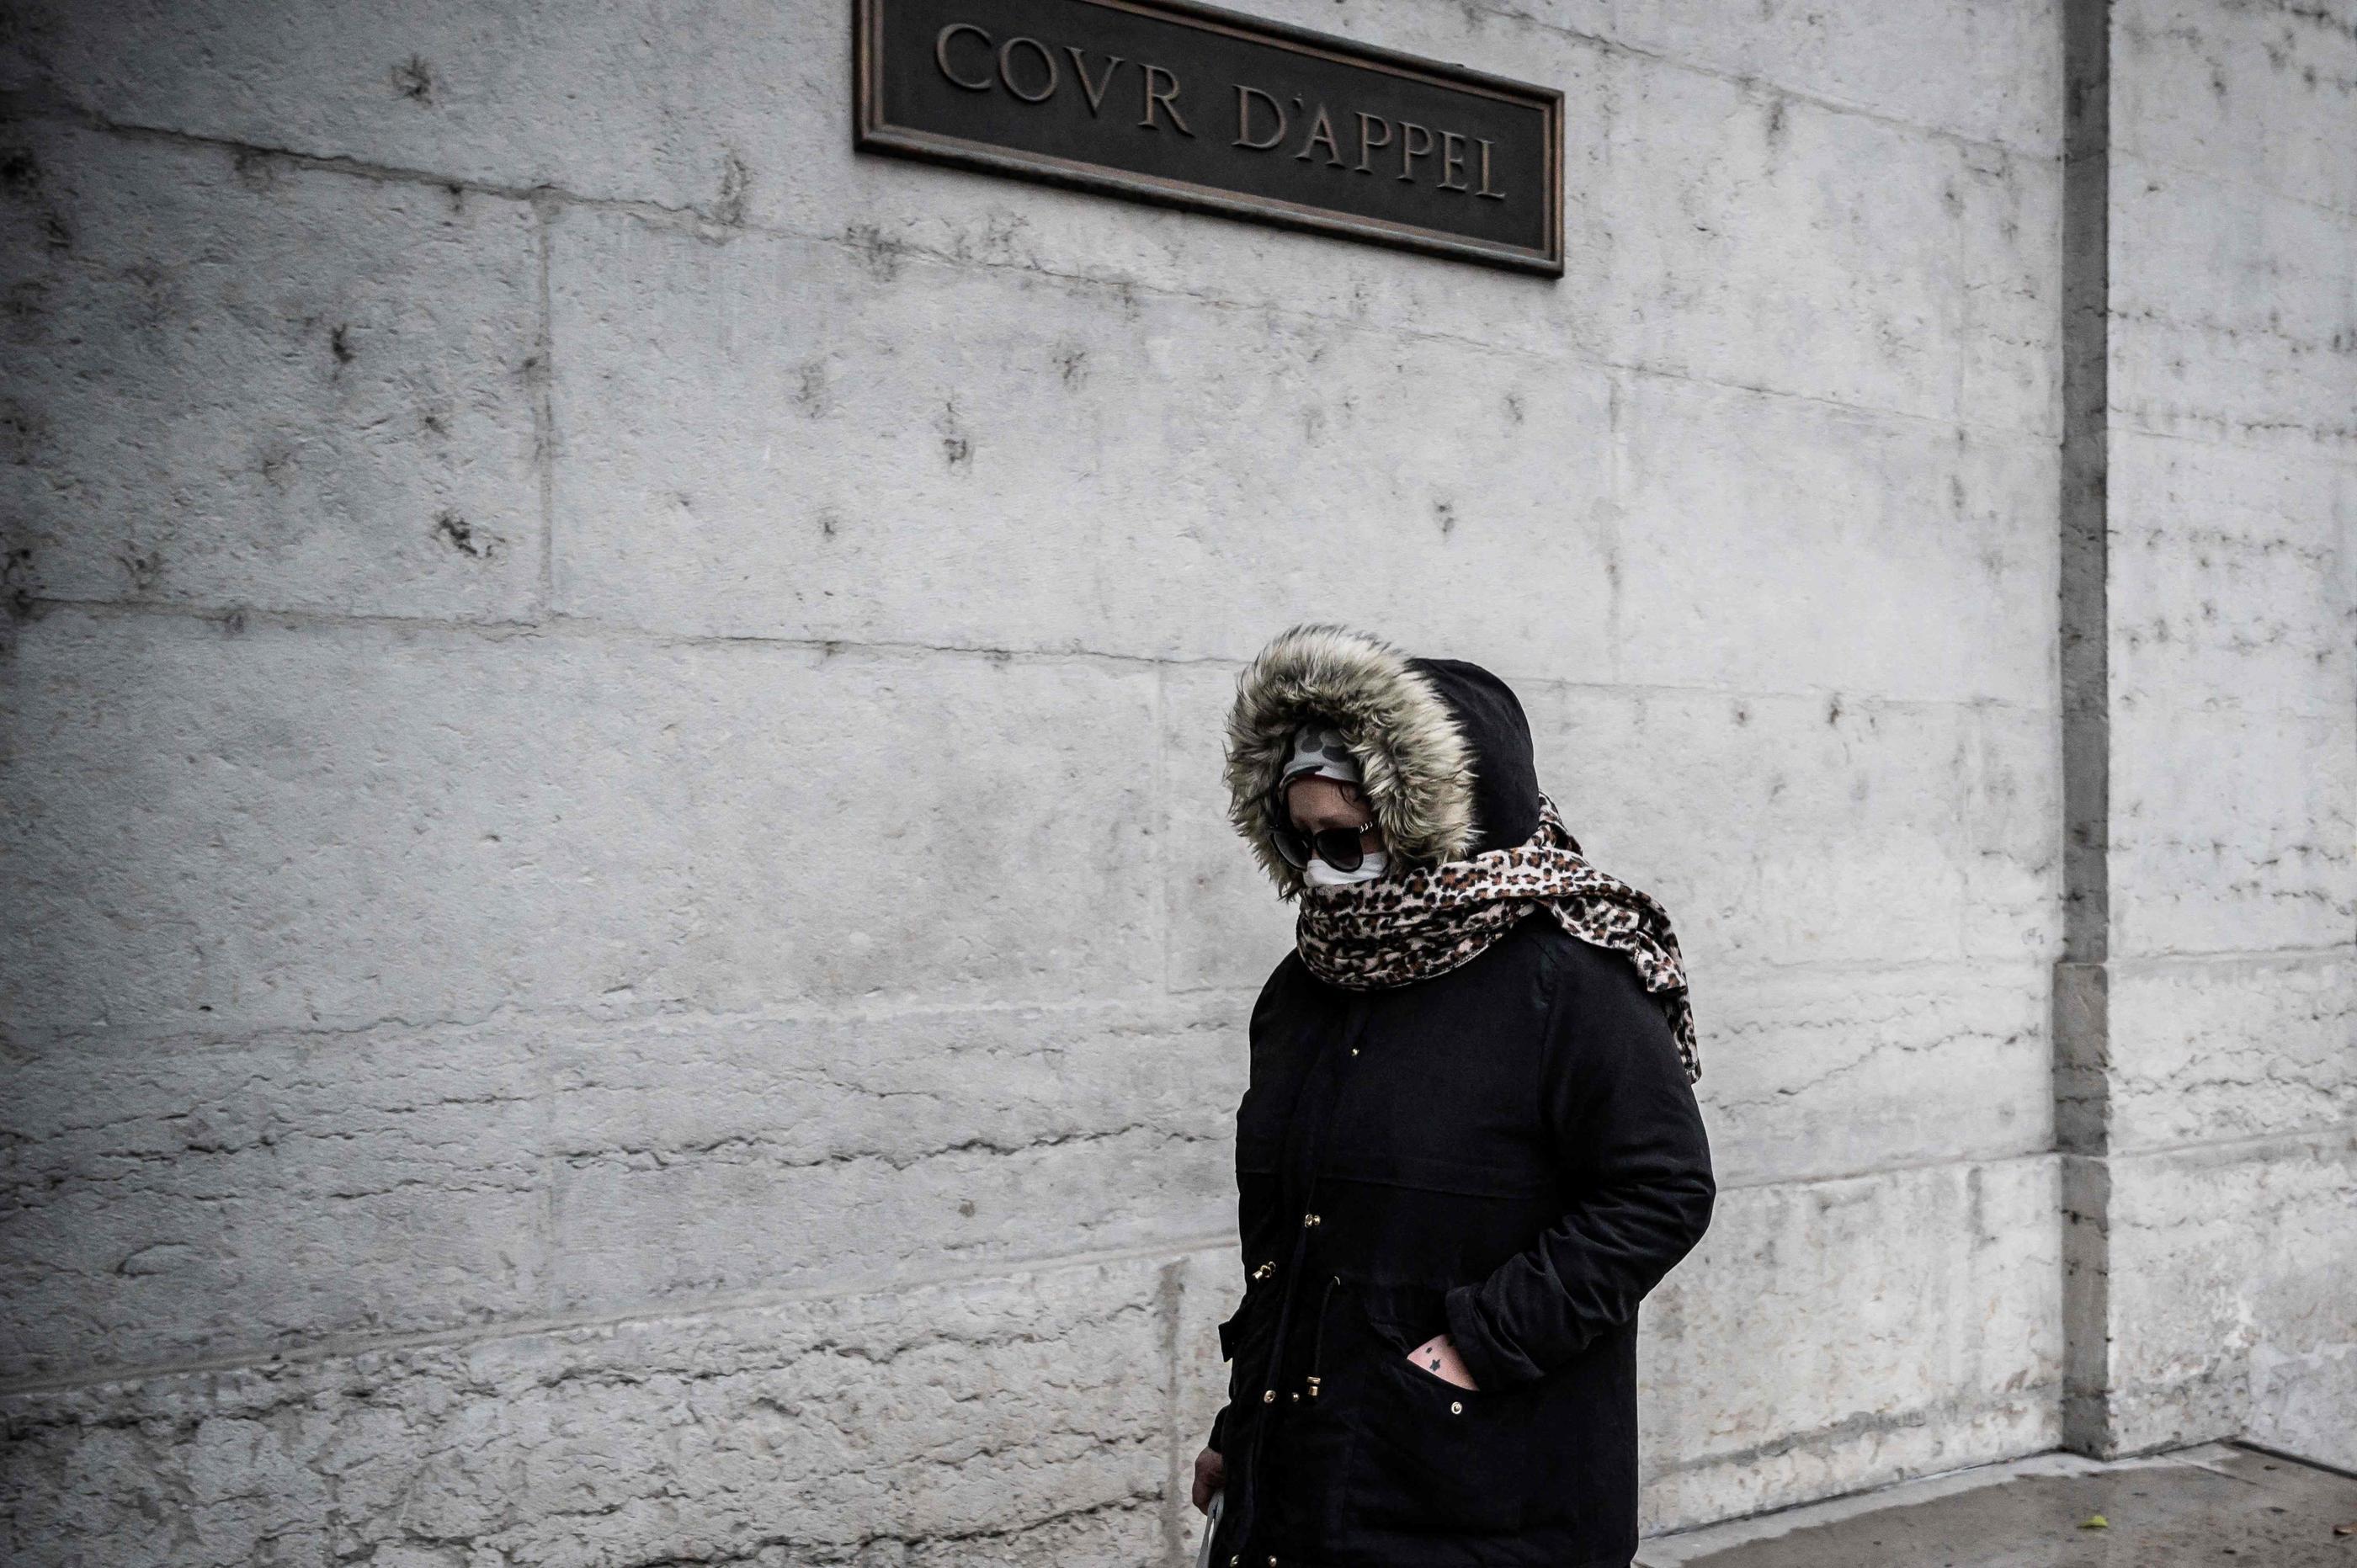 Affaire Fiona : la nouvelle demande de remise en liberté de Cécile Bourgeon, la mère, rejetée